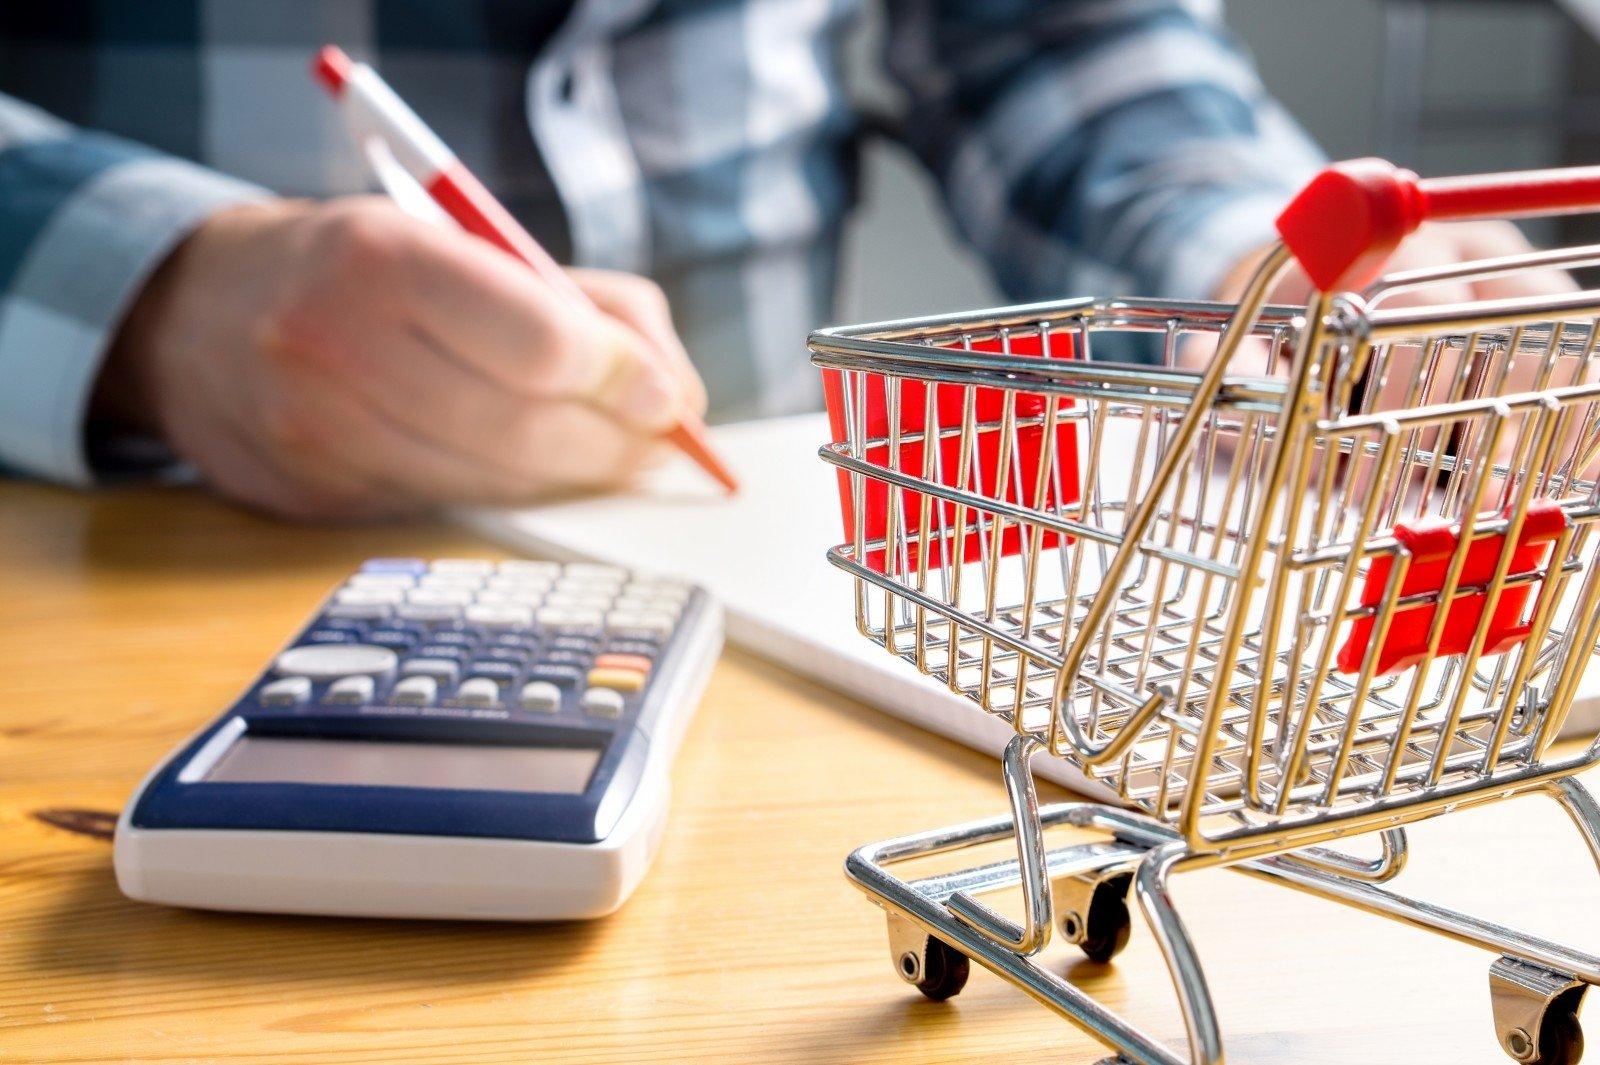 Инфляция в Казахстане с начала года составила 1,3%